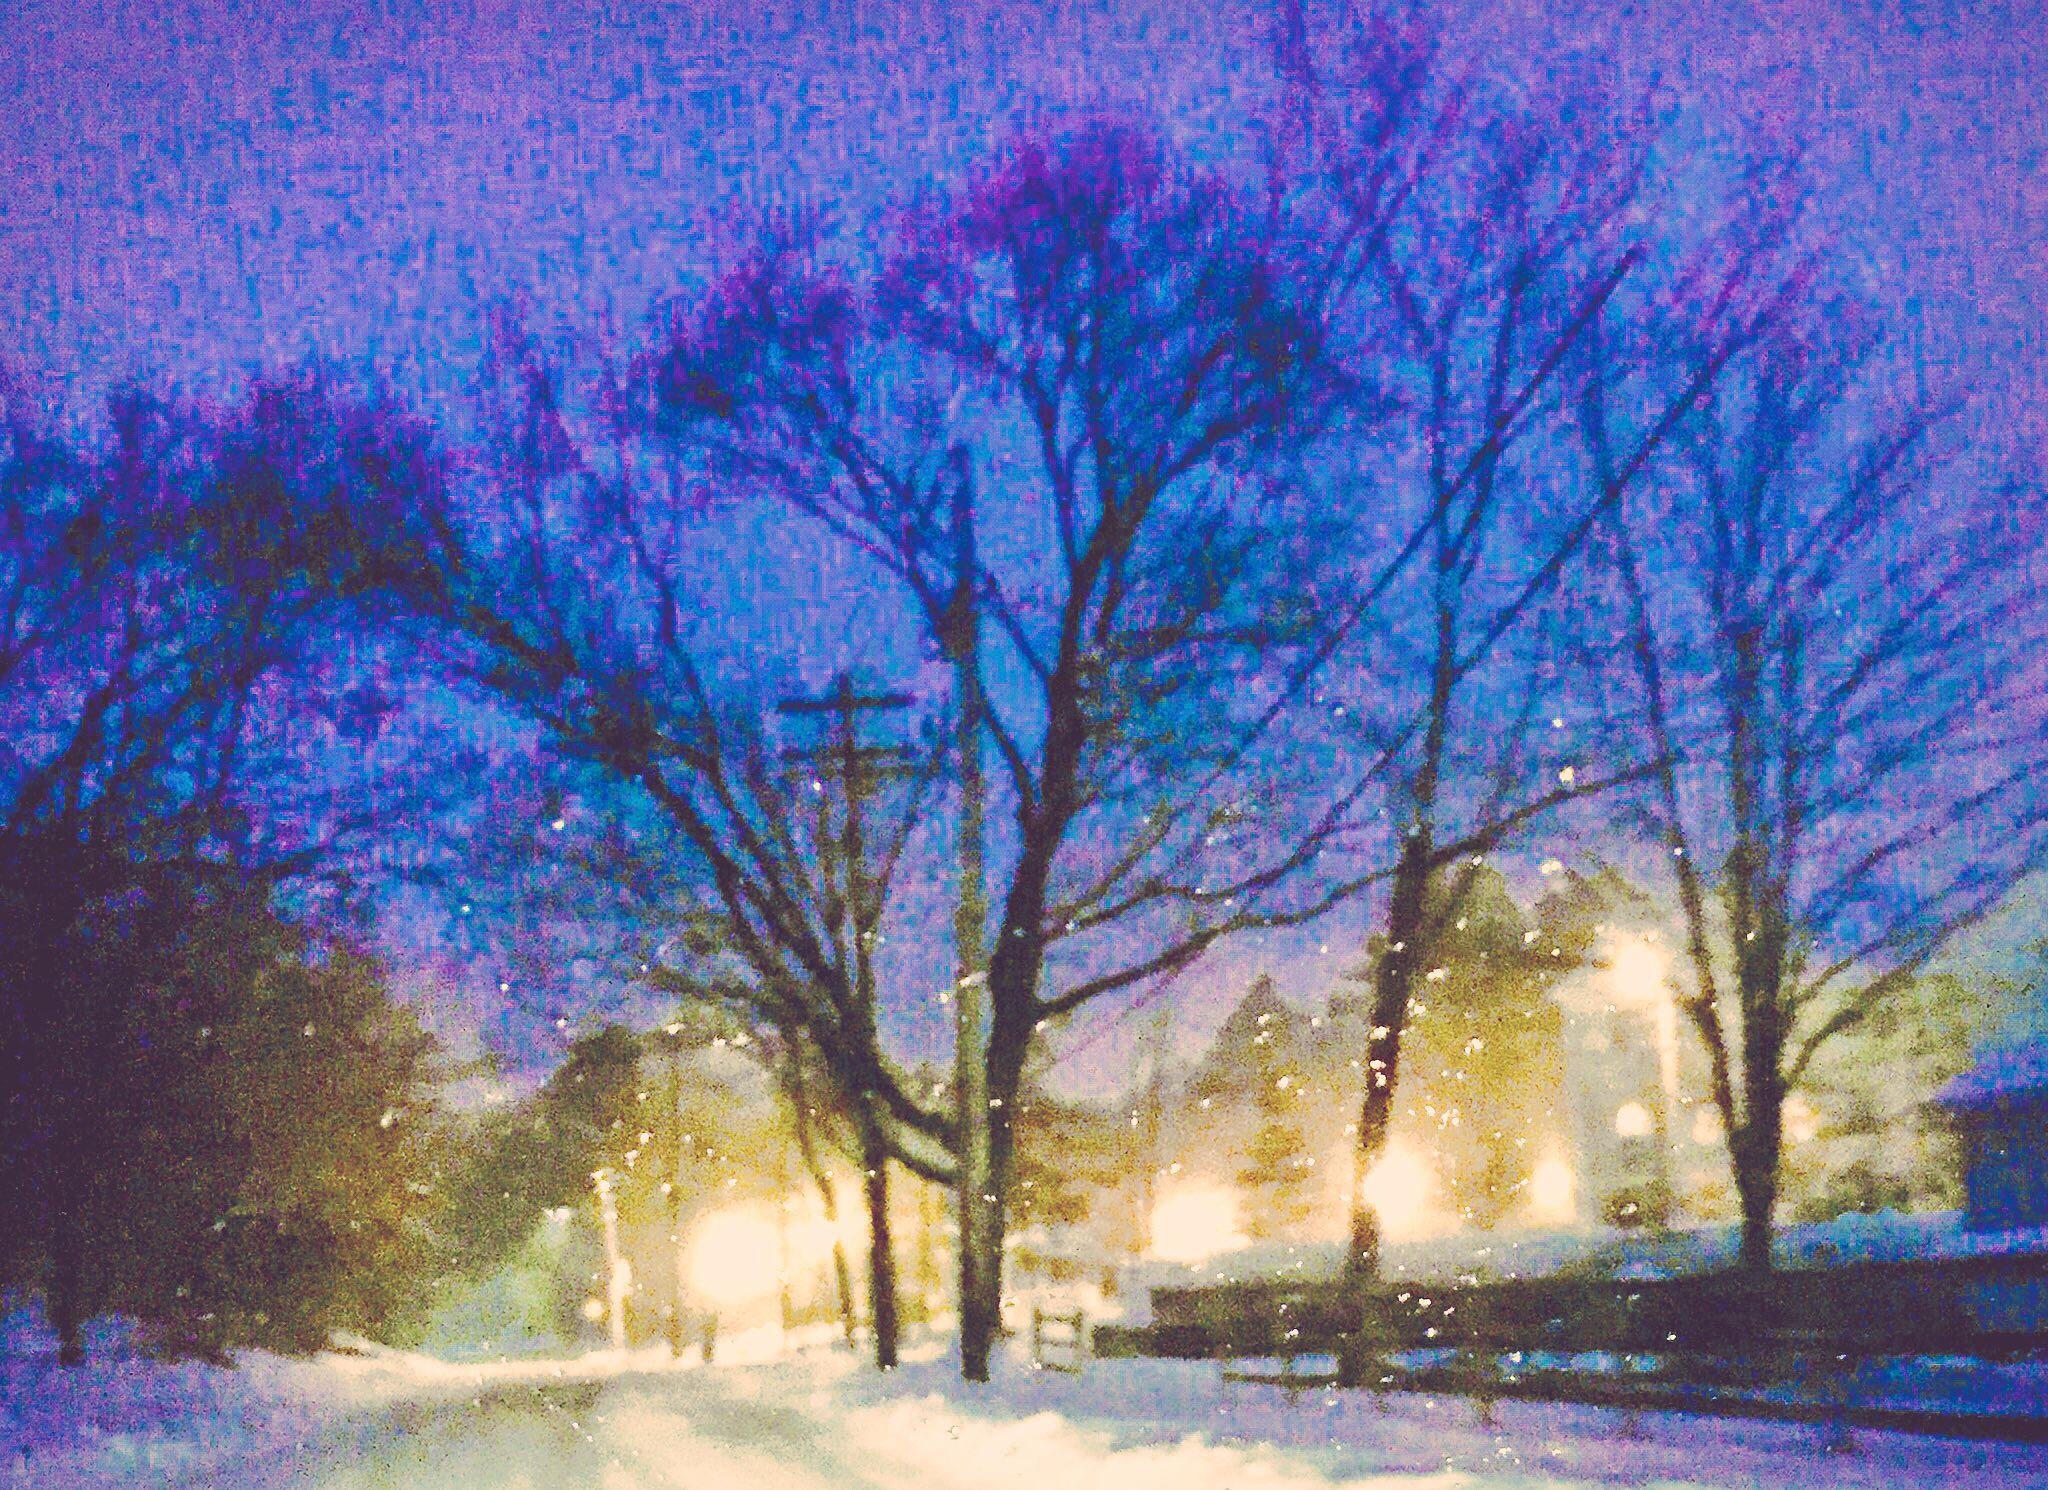 Water colors ~glistening snow by Asleepattthewheel